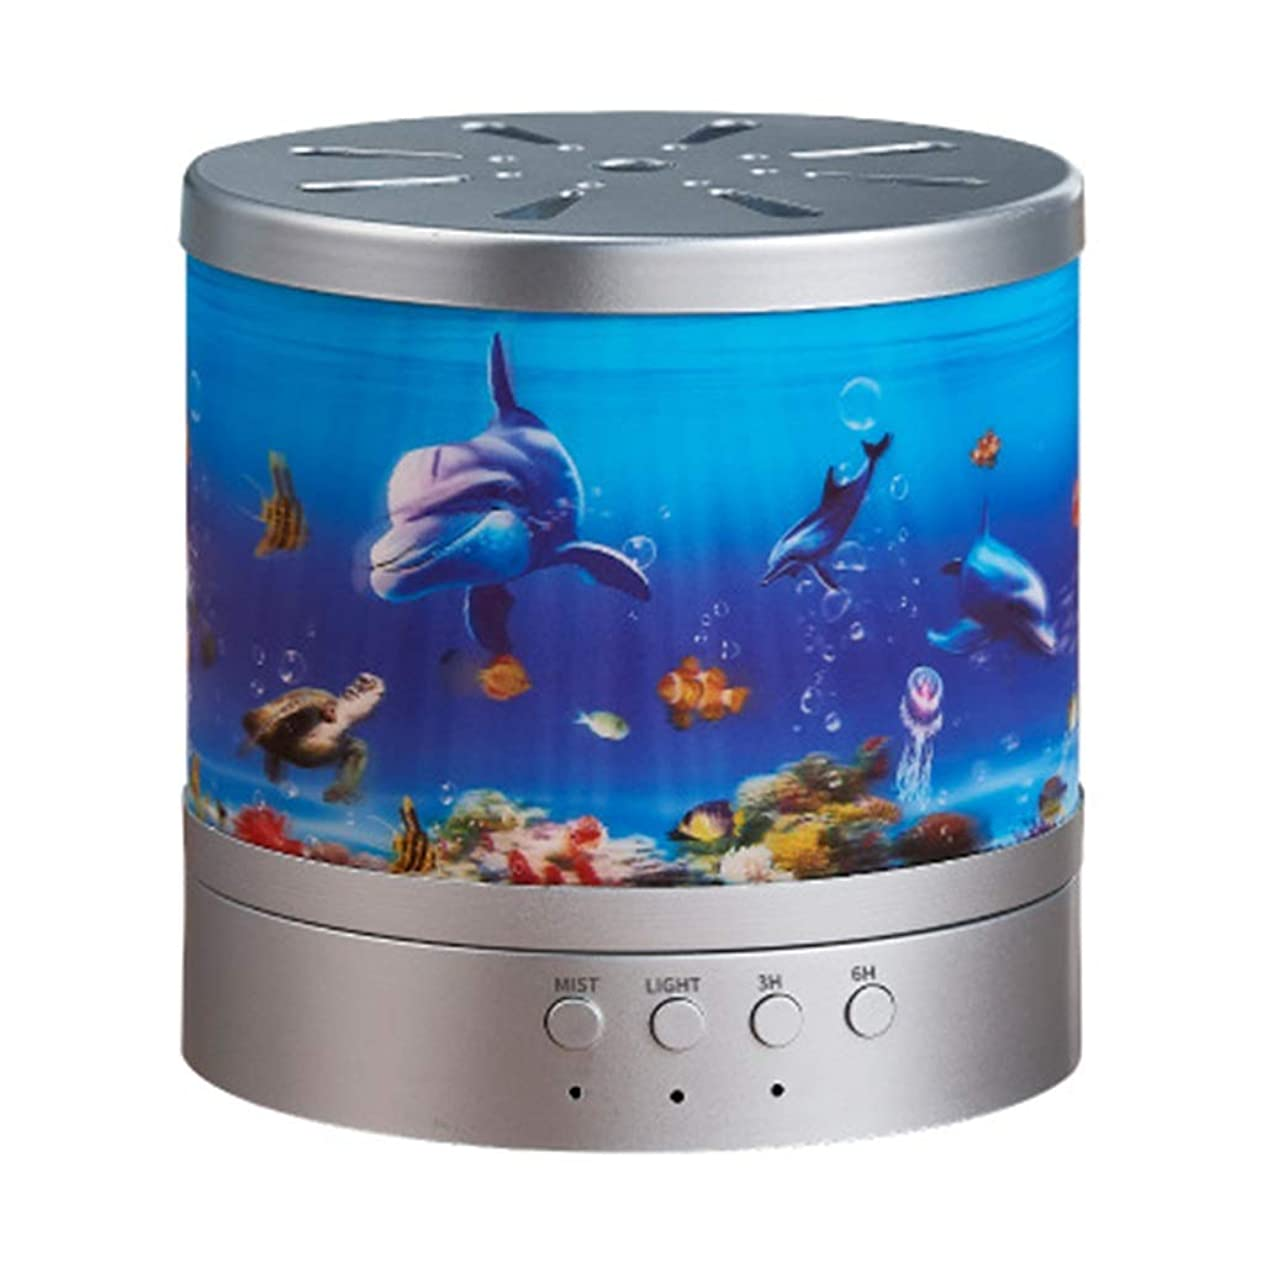 怒る気づく舌精油のための海洋の主題の拡散器超音波涼しい霧の加湿器、水なしの自動シャットオフおよび7つの色LEDライトは内務省のために変わります (Color : Silver)